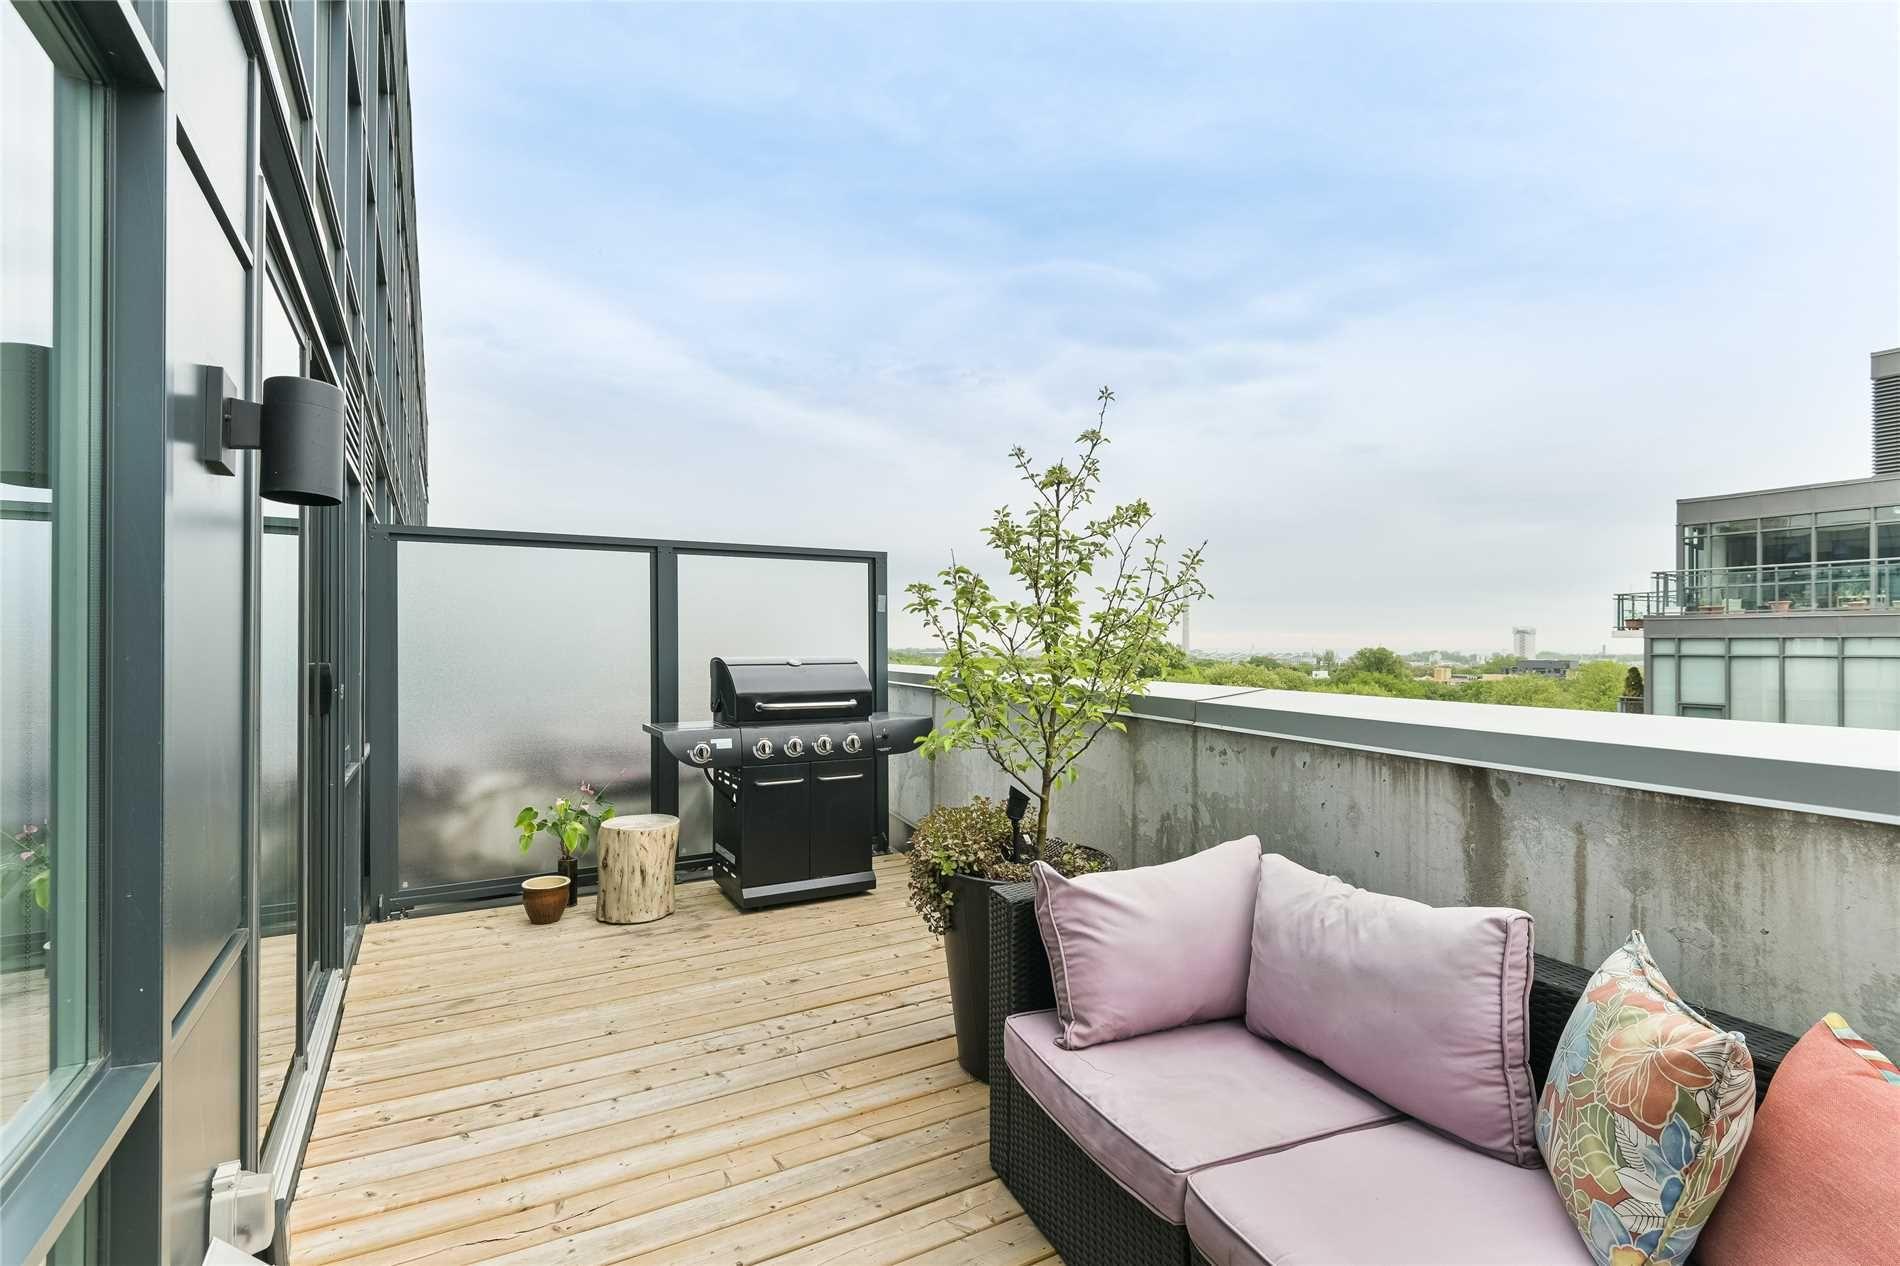 Photo 11: Photos: 910 1190 E Dundas Street in Toronto: South Riverdale Condo for sale (Toronto E01)  : MLS®# E4496416